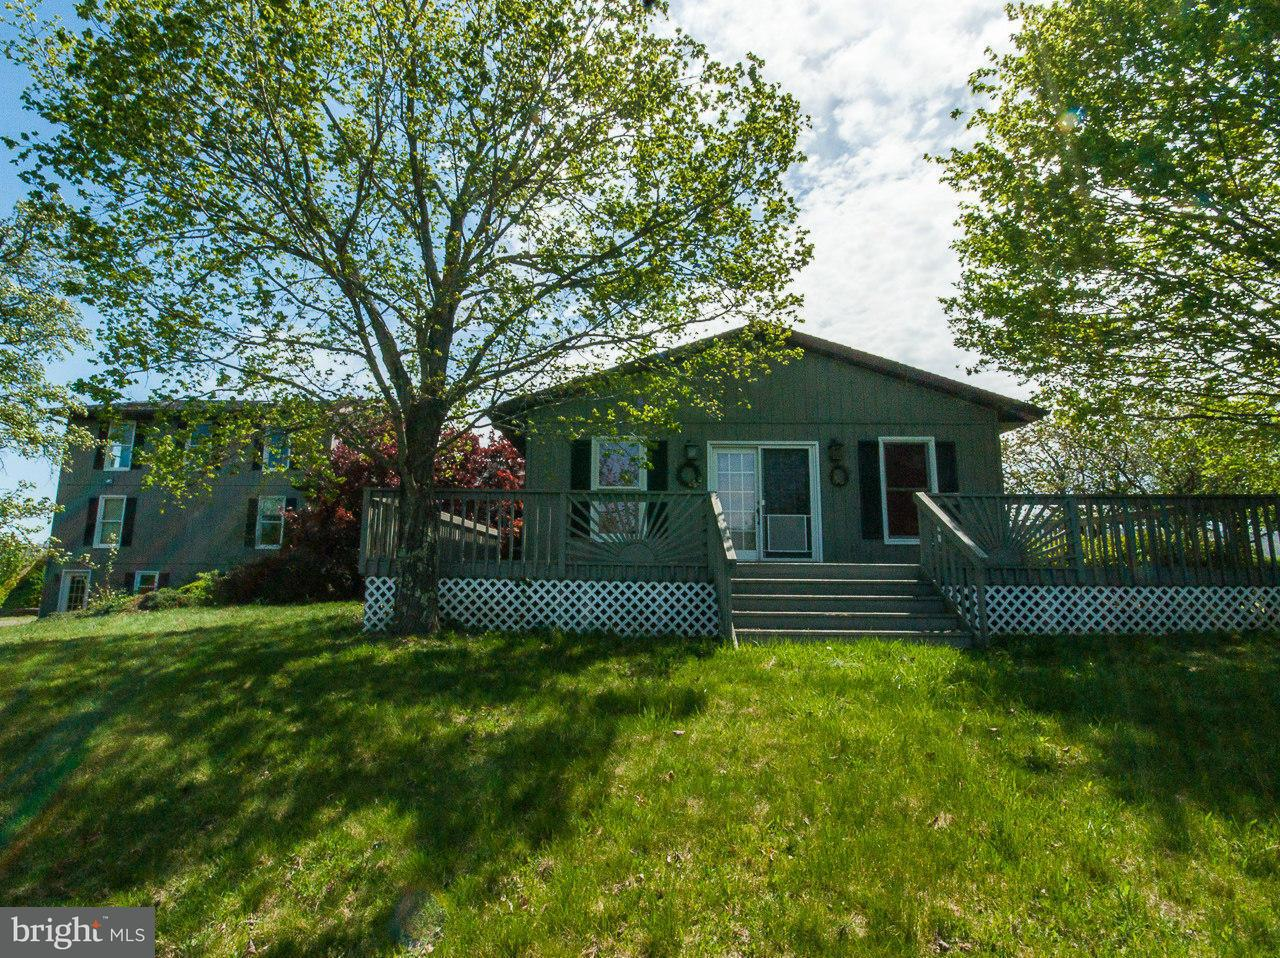 独户住宅 为 销售 在 270 SHADOW VALLEY FARM LANE 270 SHADOW VALLEY FARM LANE 伯克利斯普林斯, 西弗吉尼亚州 25411 美国